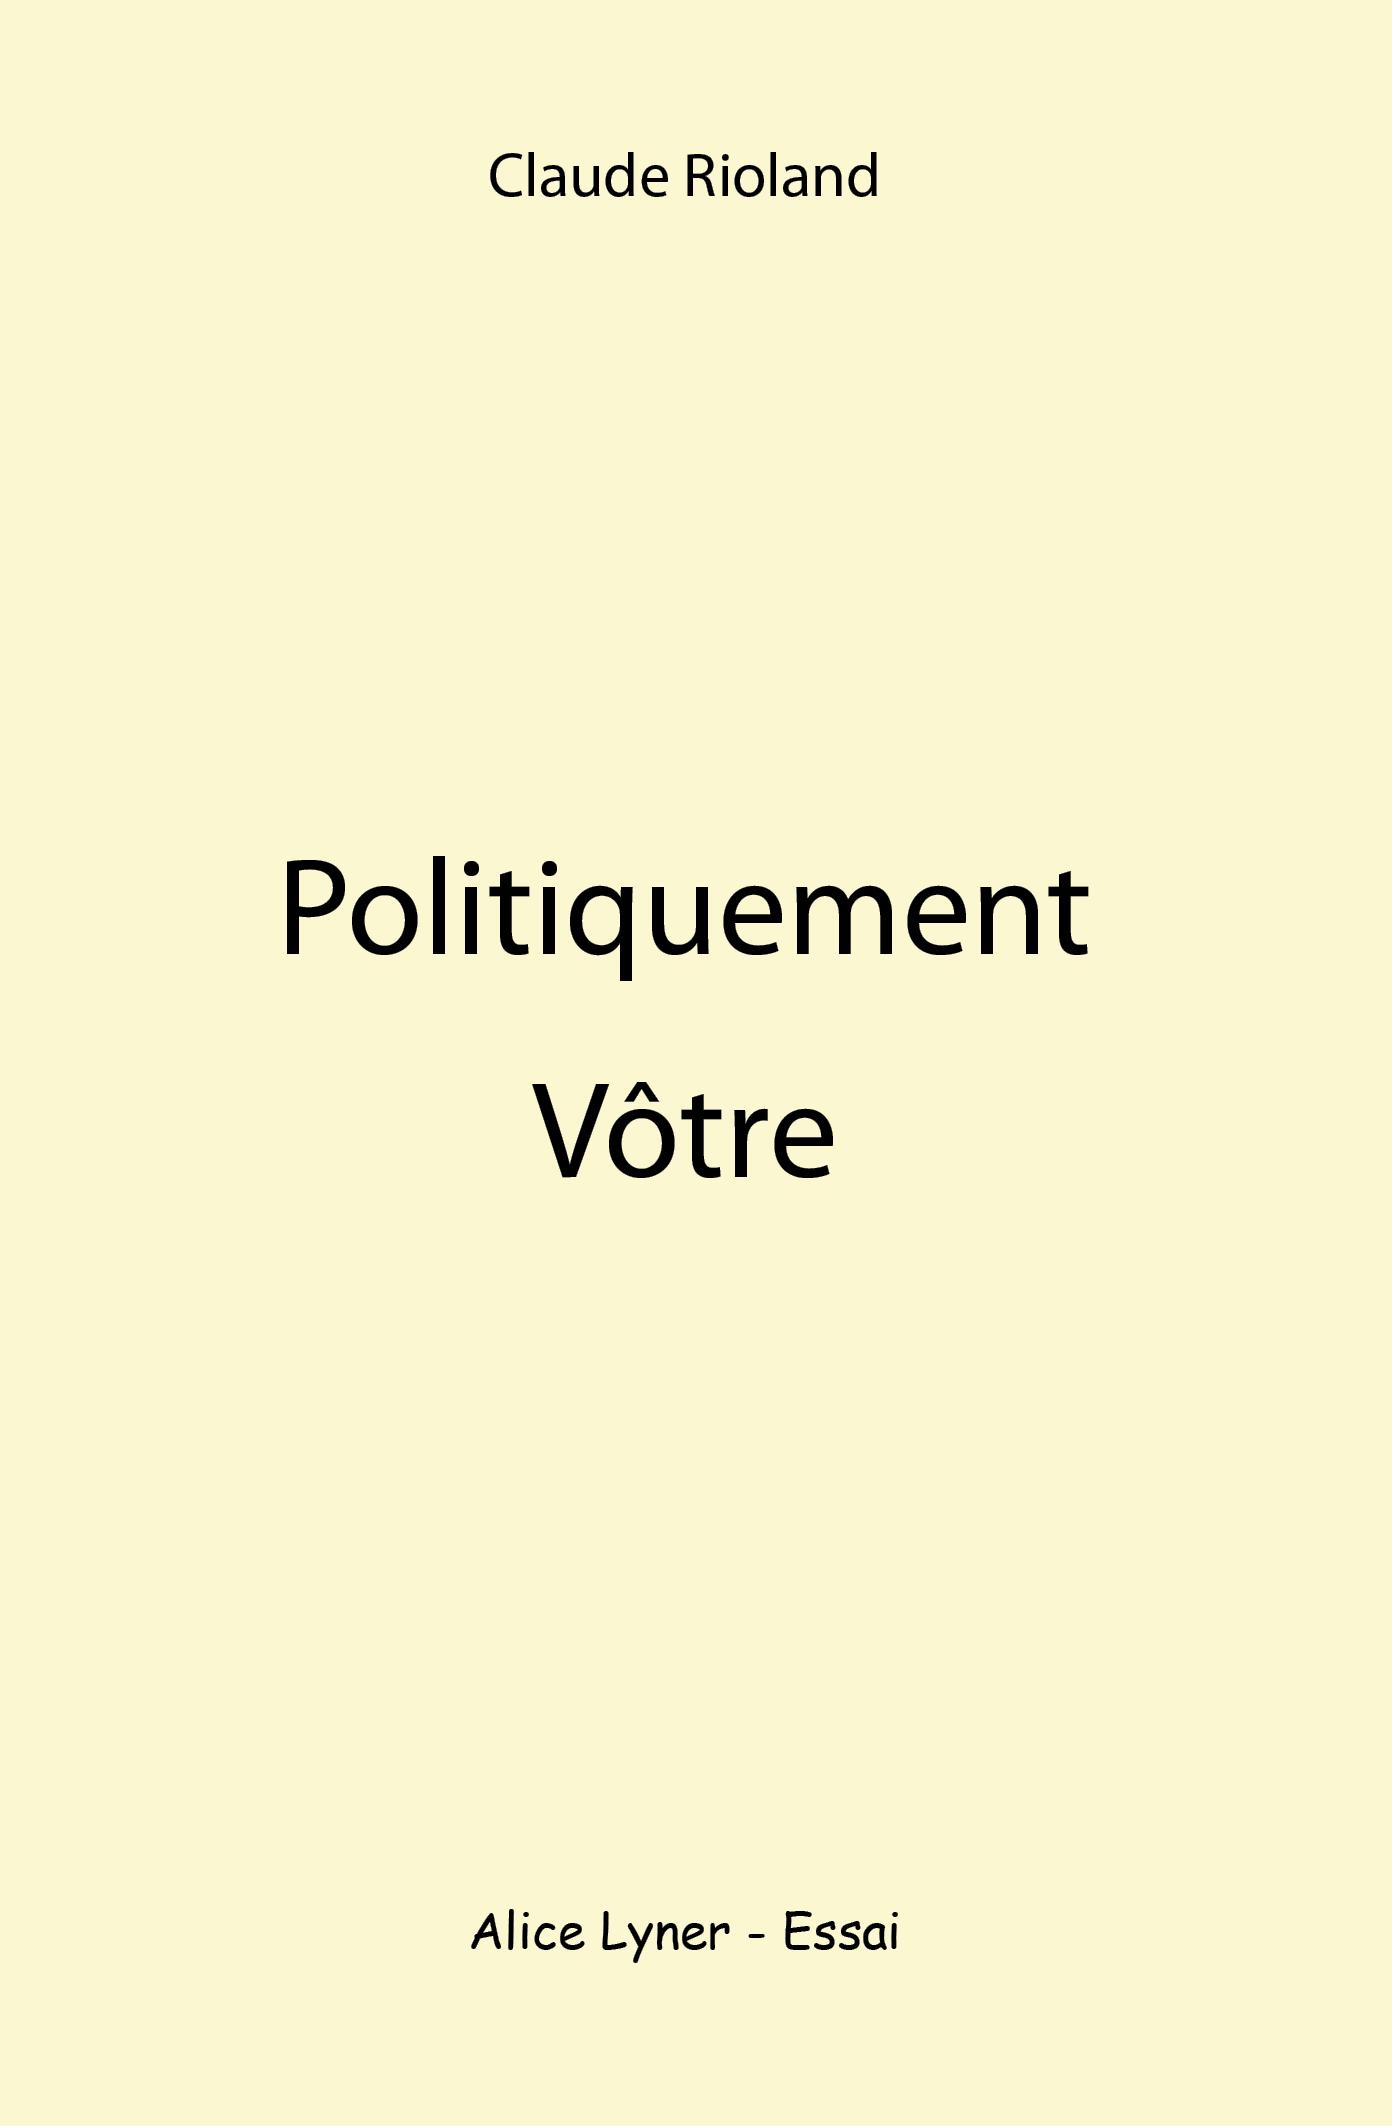 Politiquement vôtre